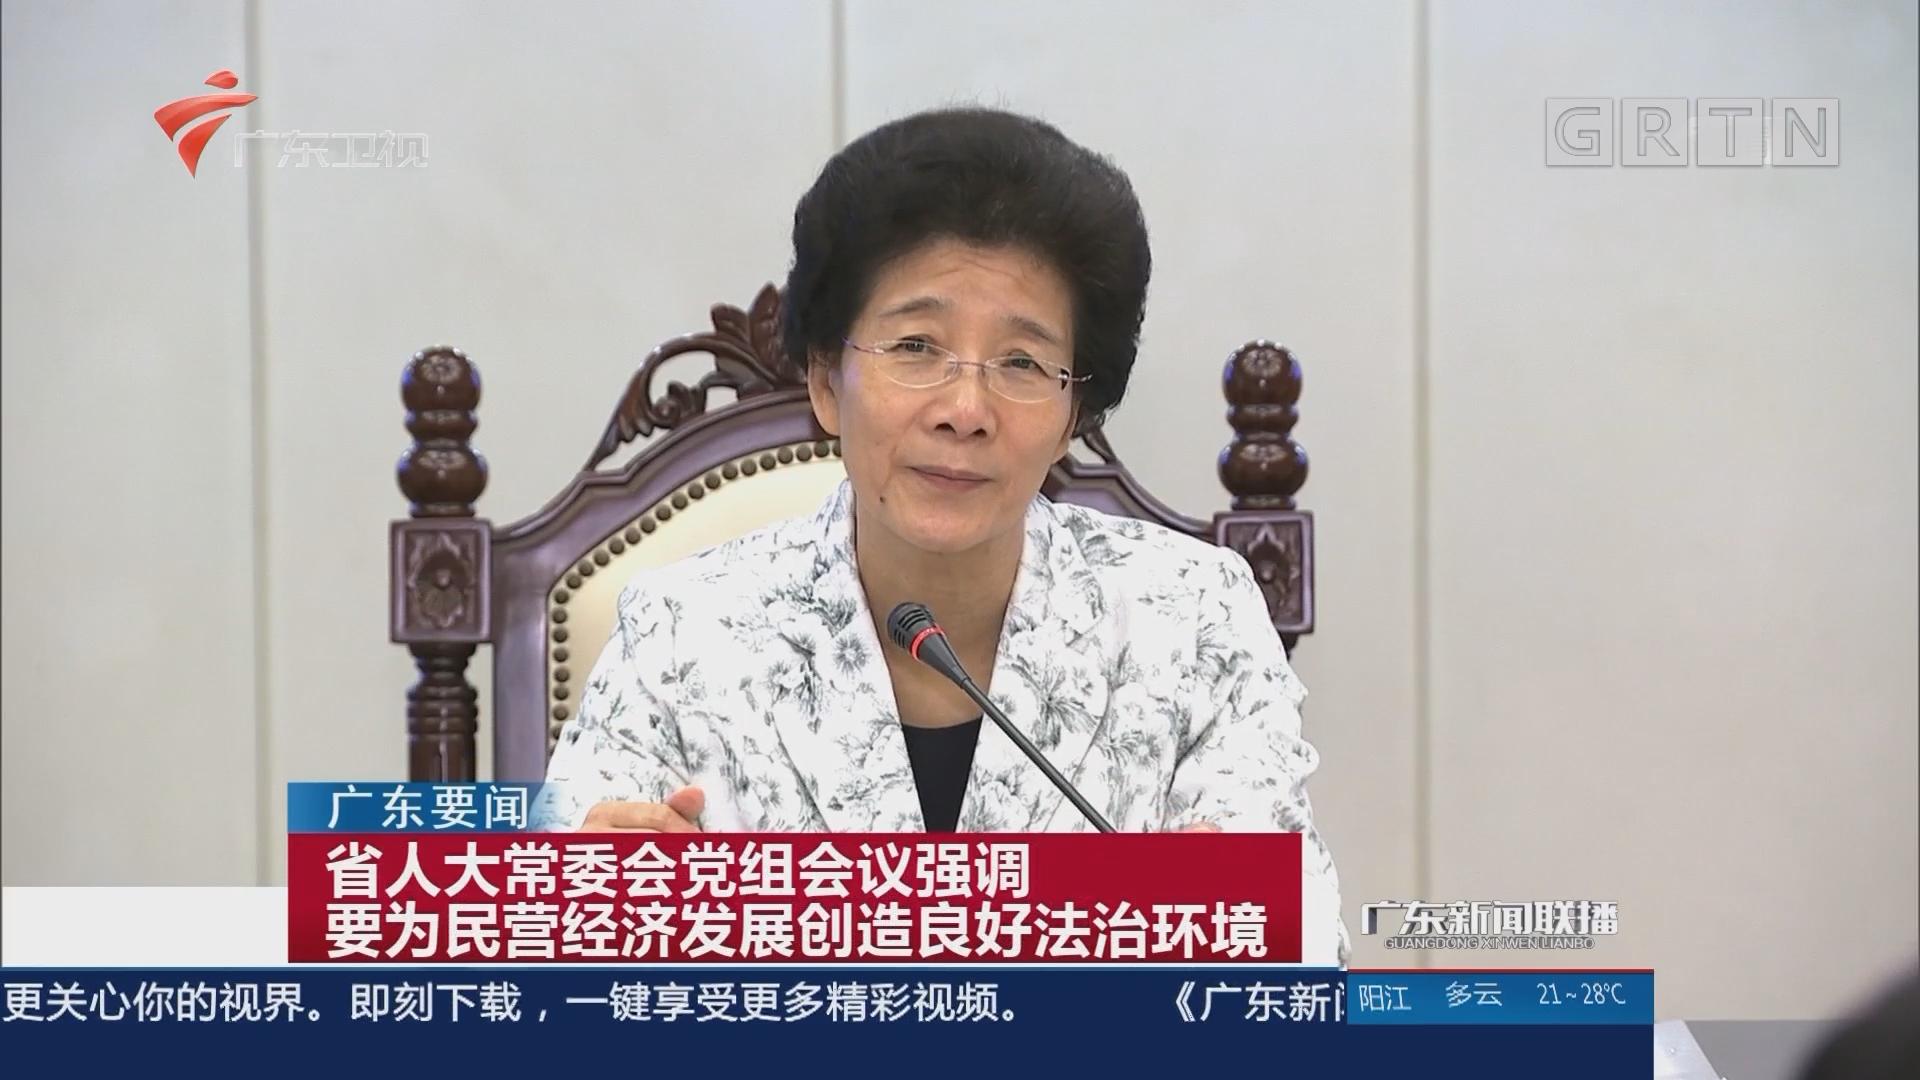 省人大常委会党组会议强调 要为民营经济发展创造良好法治环境